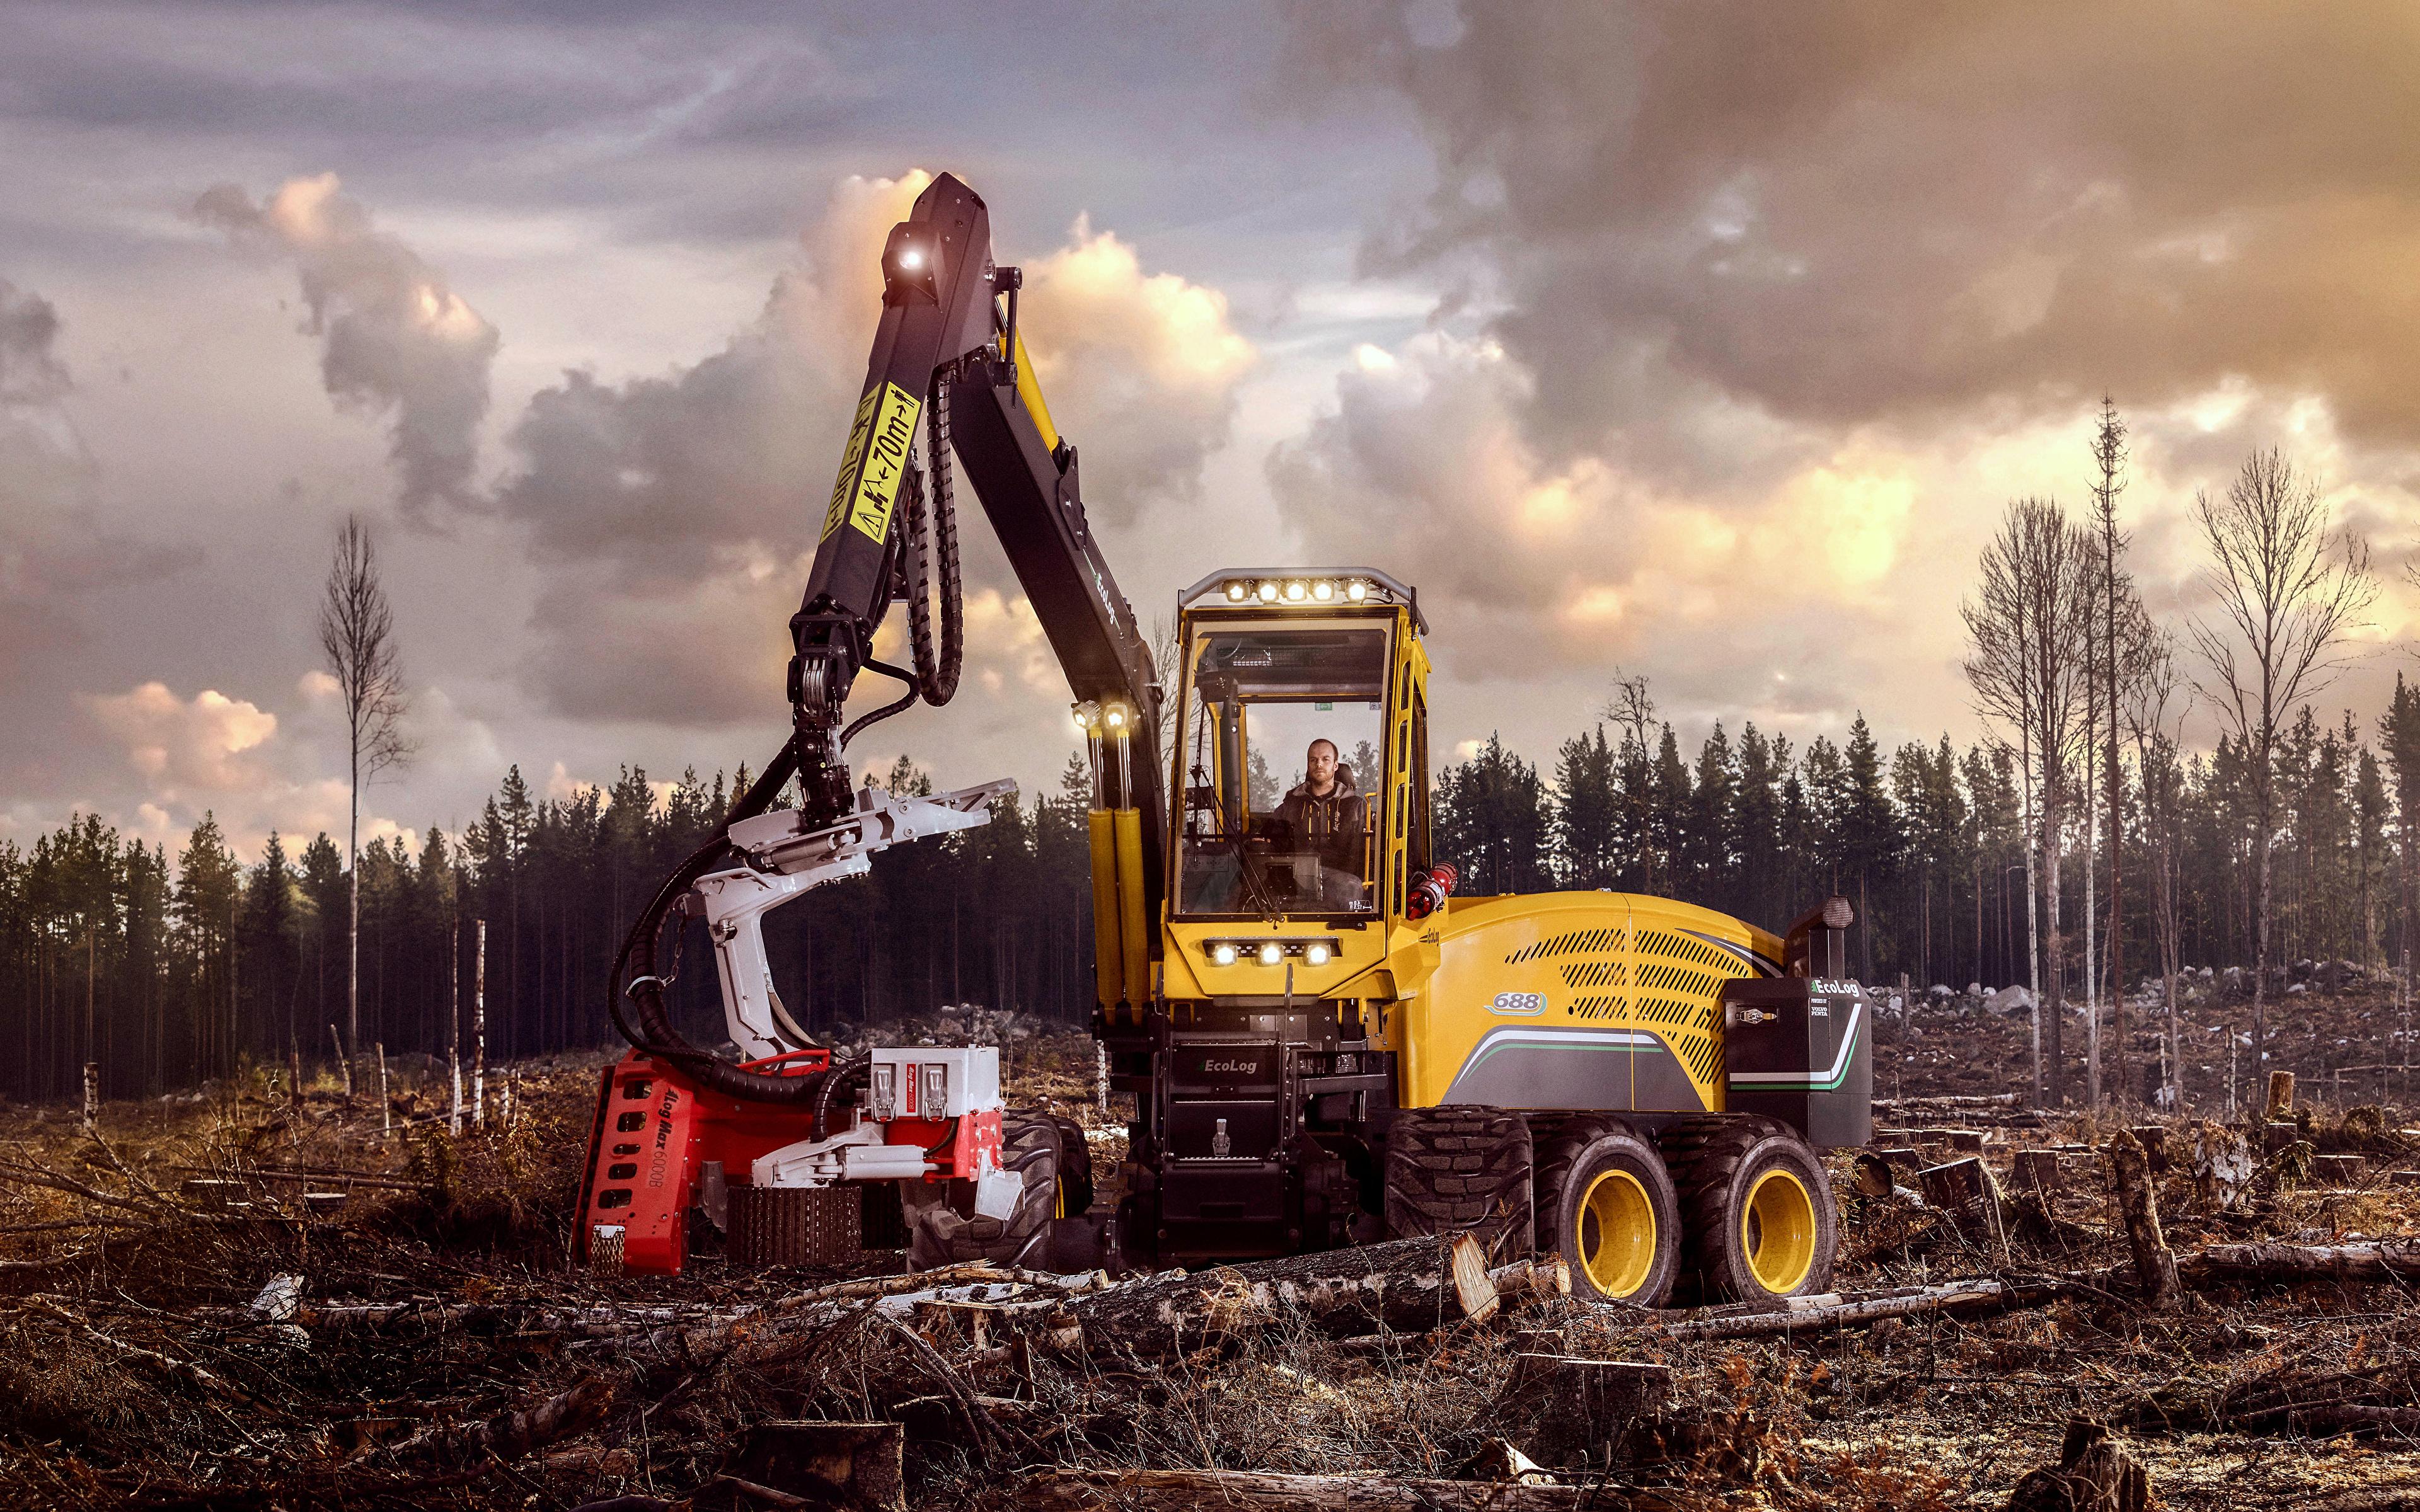 Фотографии Форвардер 2017-18 Eco Log 688E бревно 3840x2400 Бревна